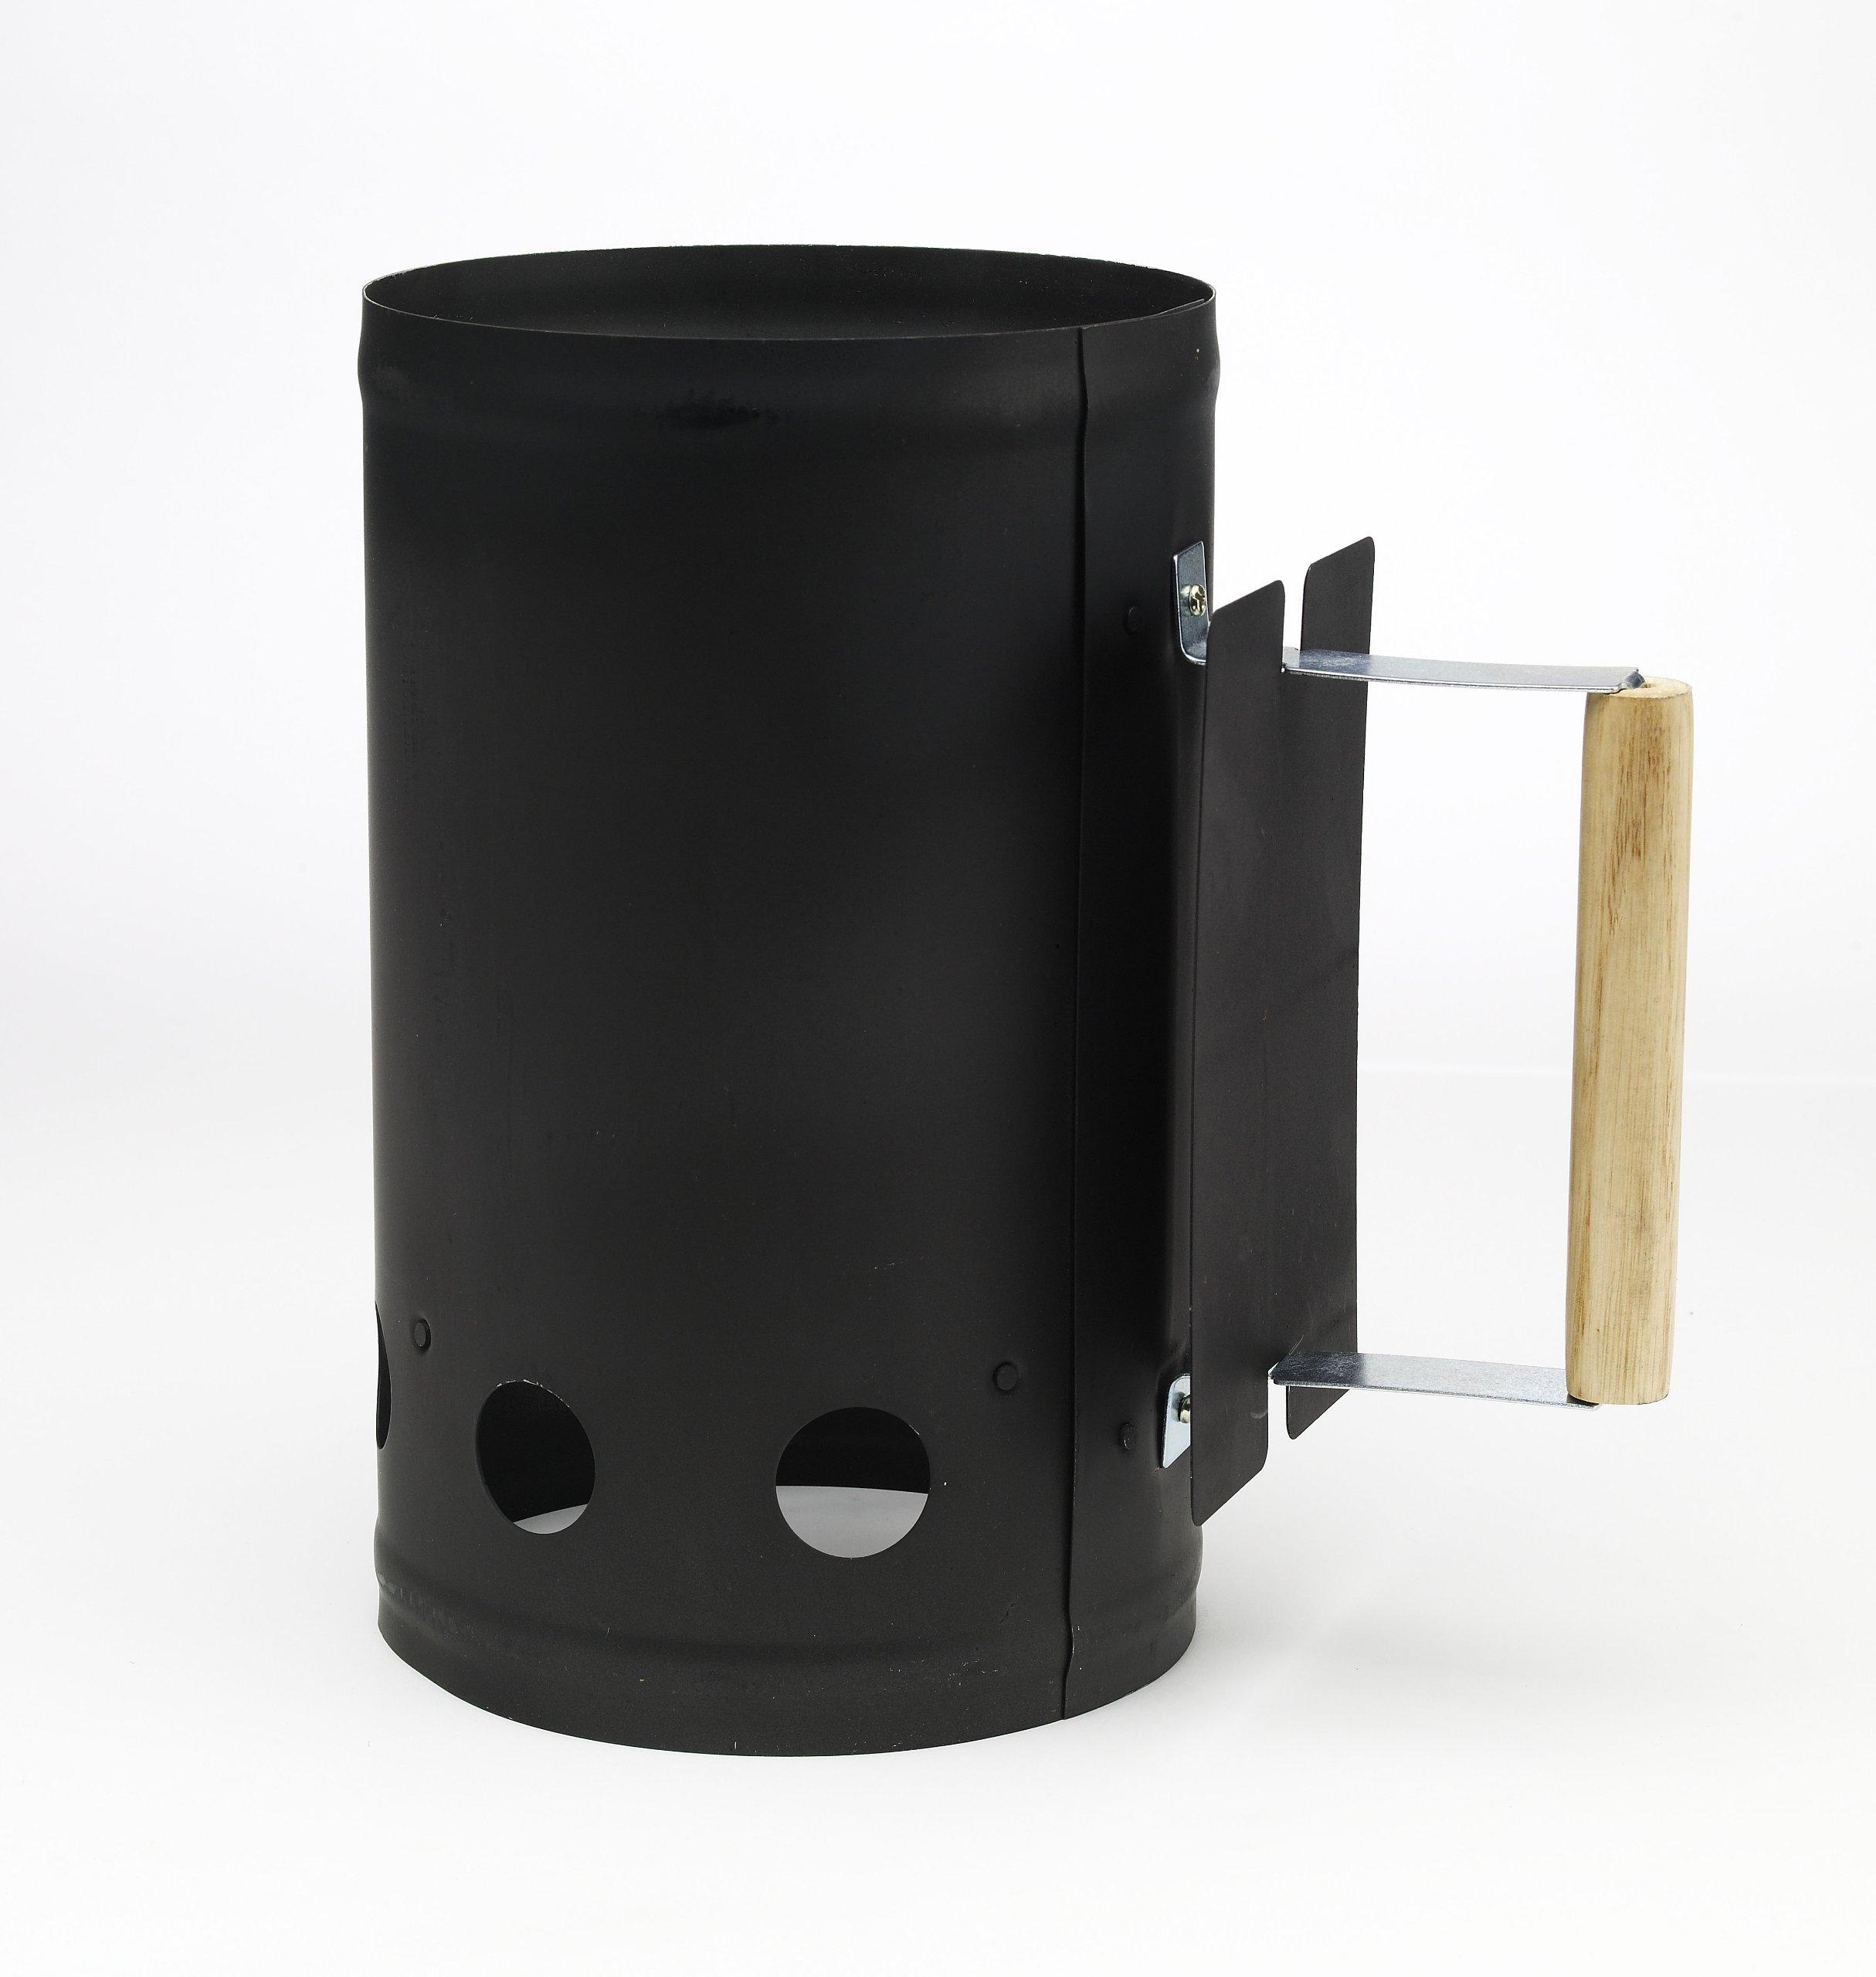 Bull 24143 Black Chimney Starter